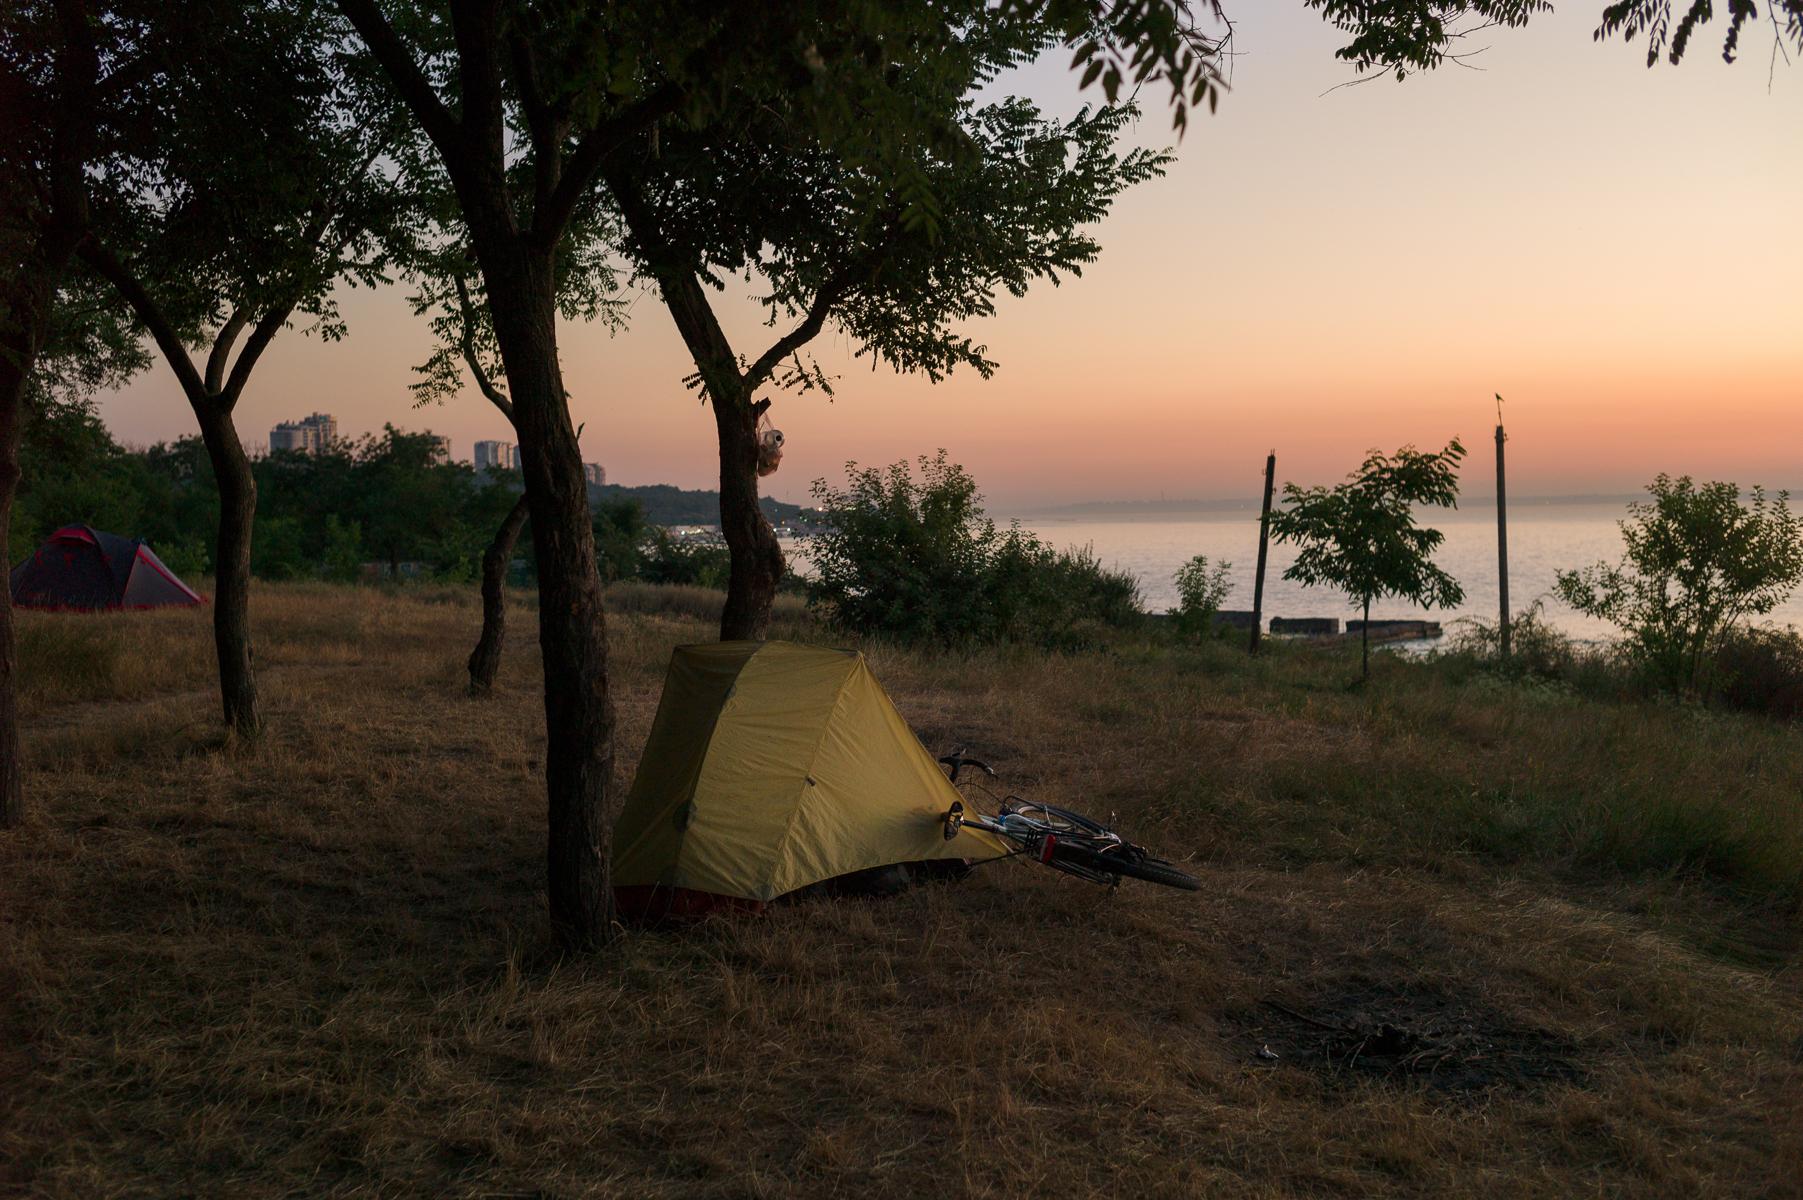 Beach in Odessa. June 13